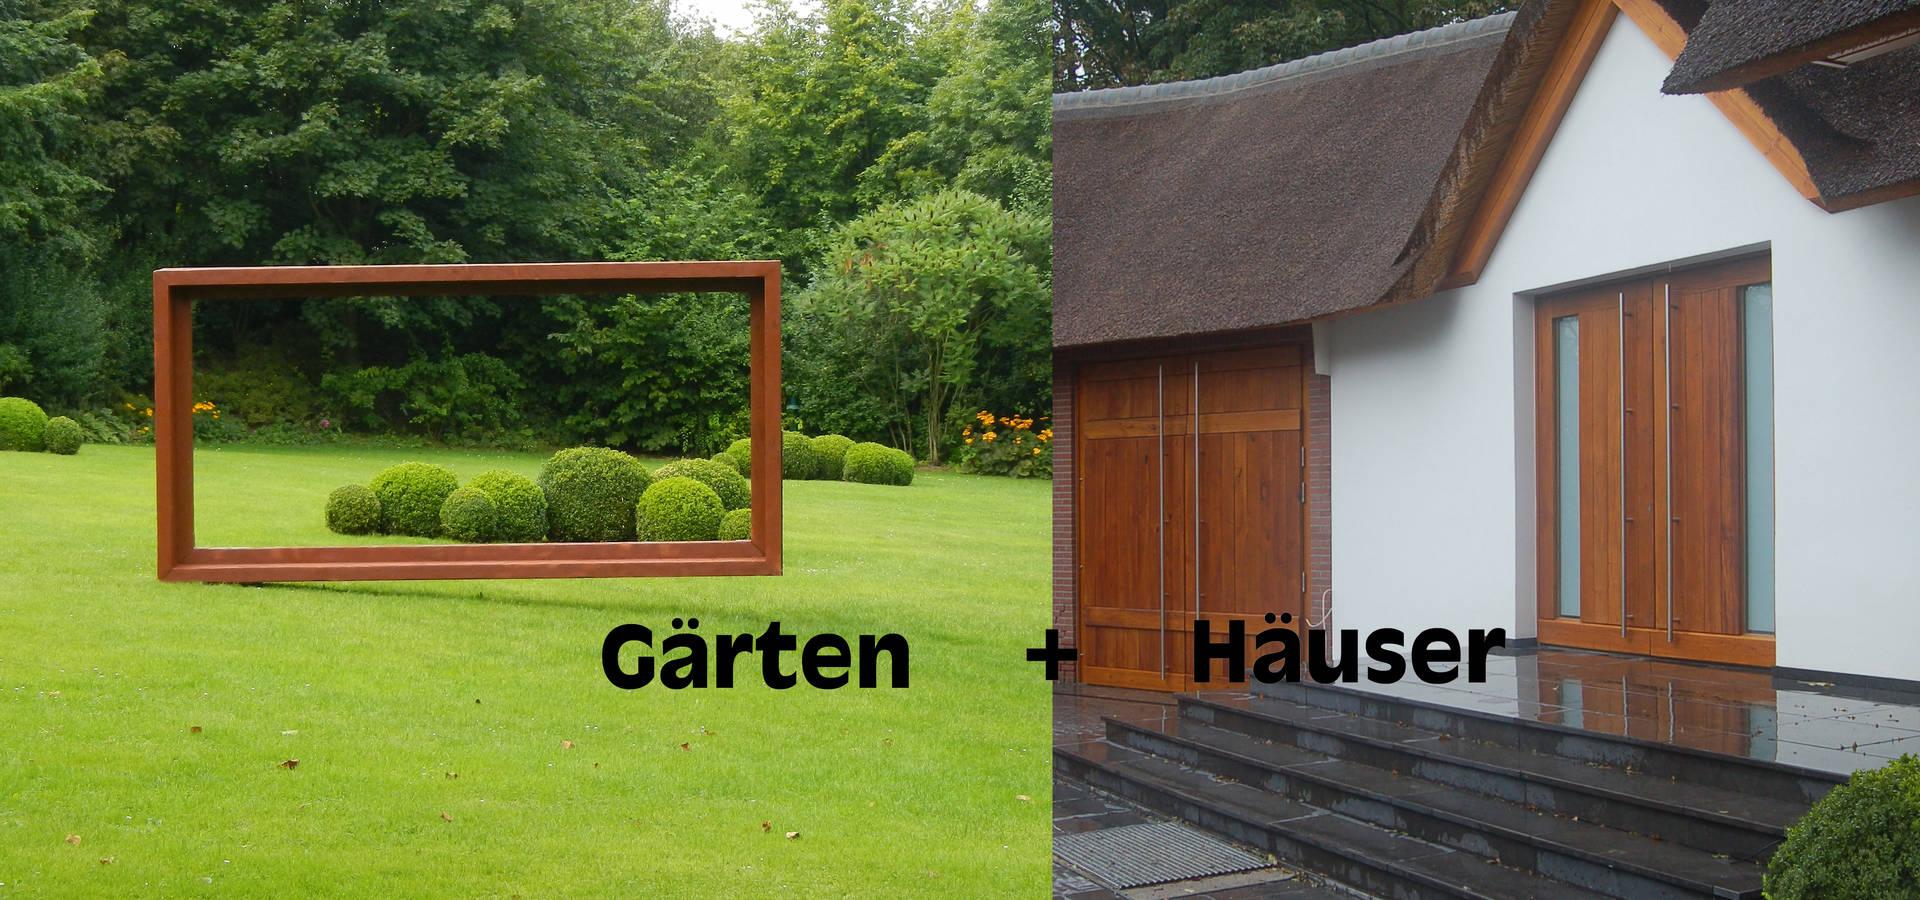 Gartenbilder By 2kn Architekt Landschaftsarchitekt Thorsten